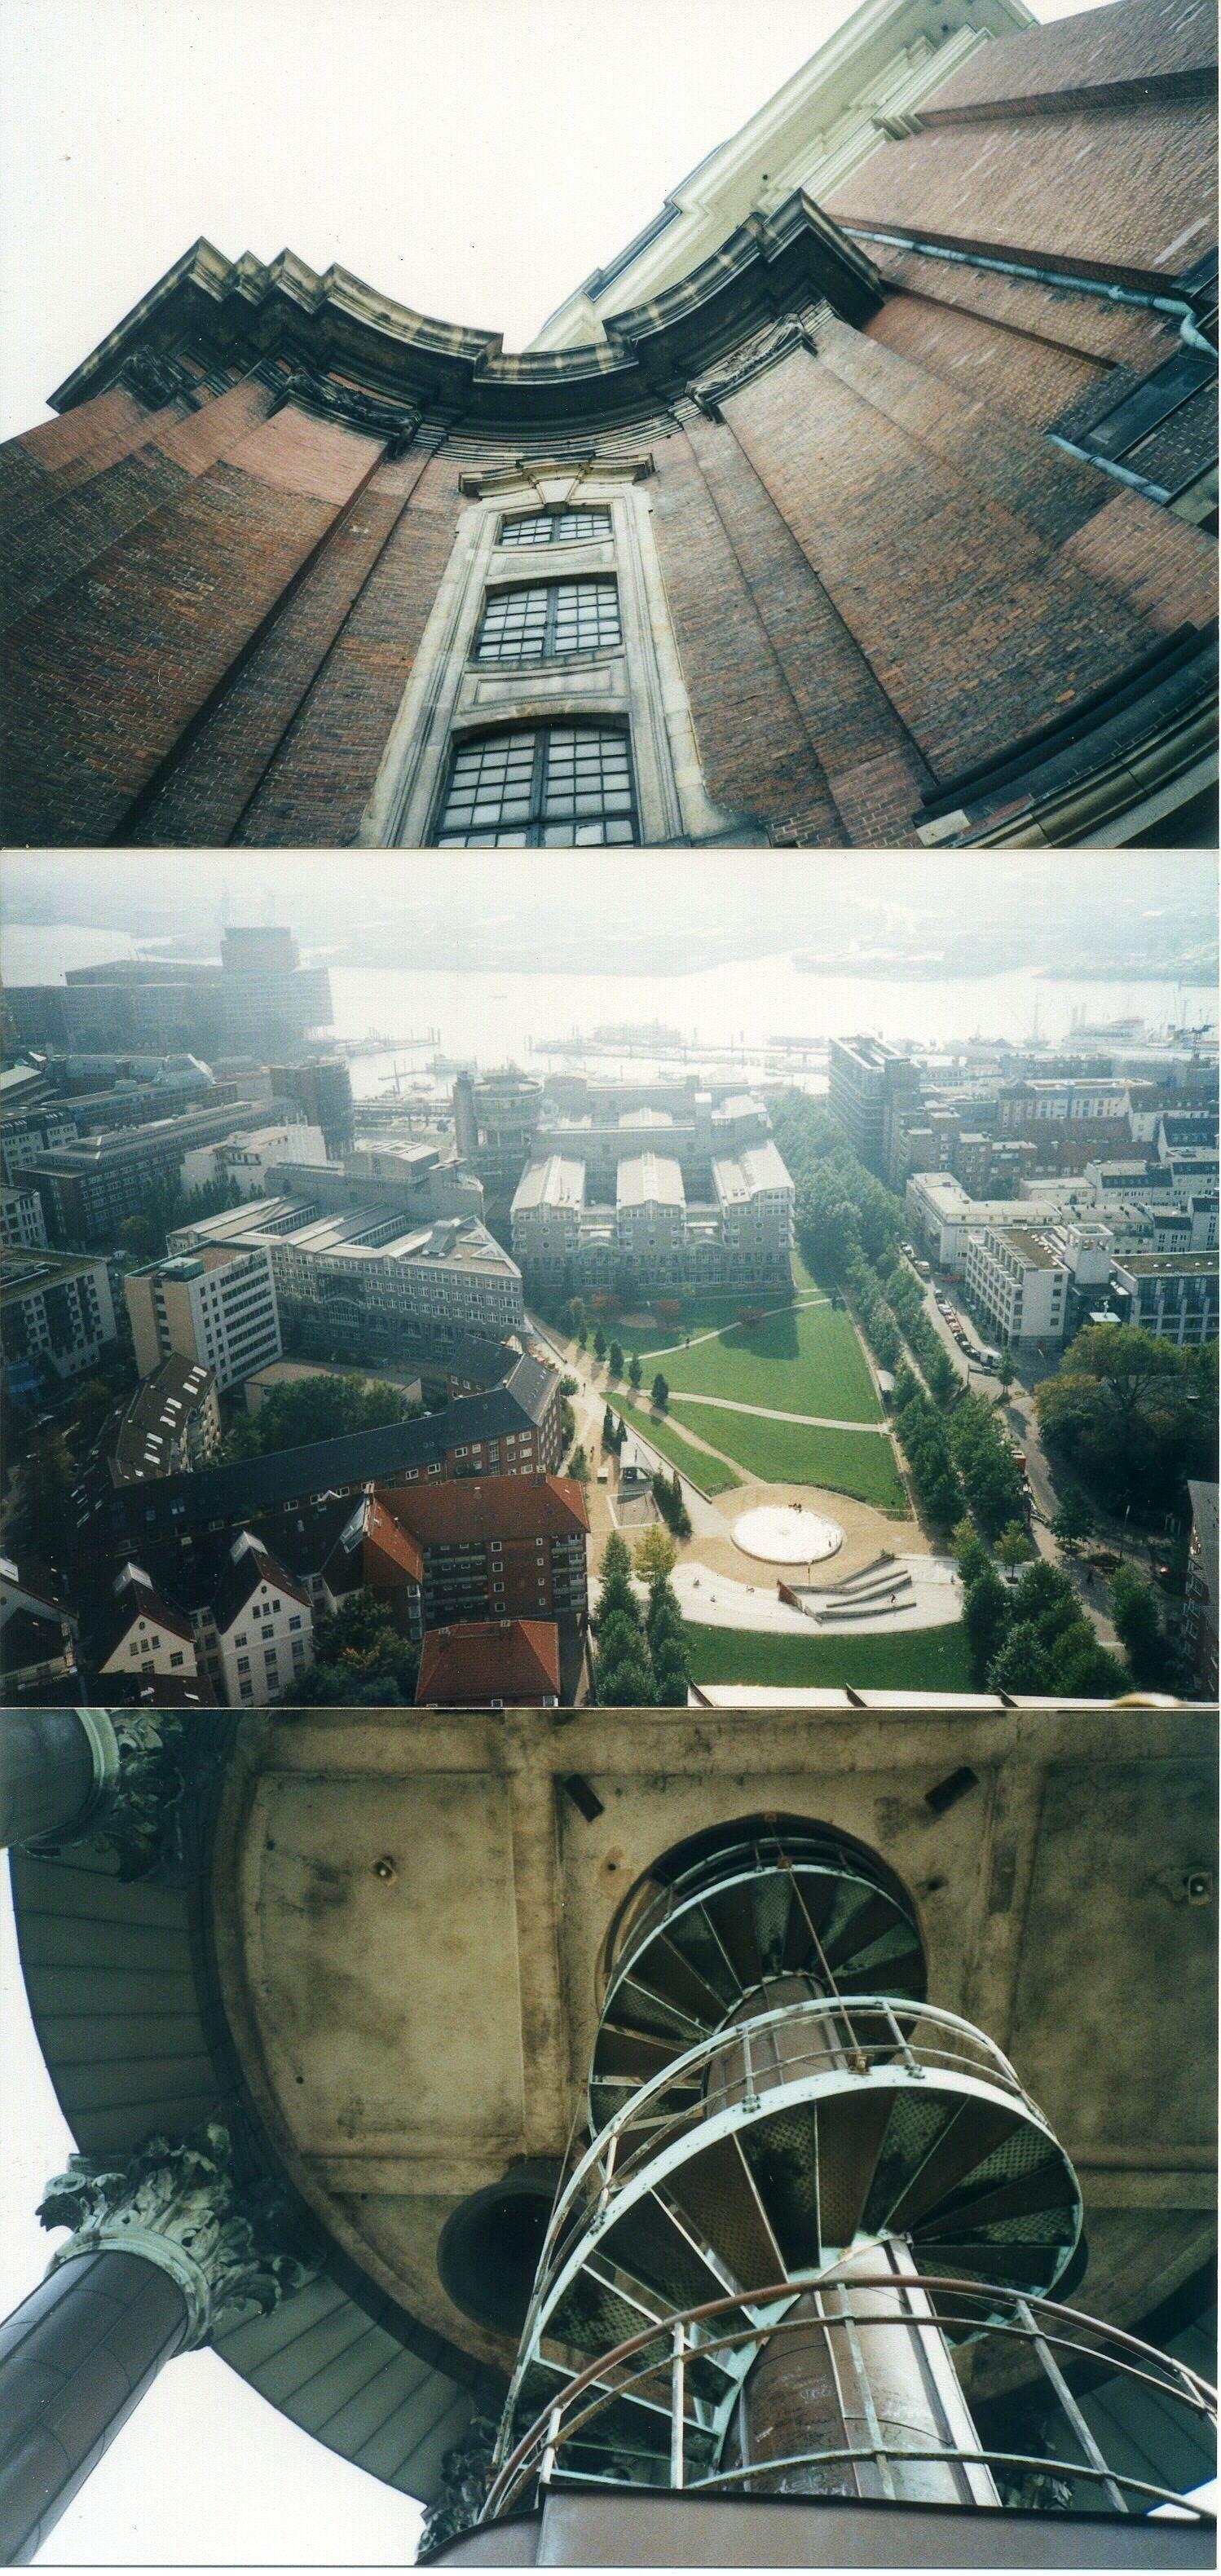 2001년 독일 함부르크 주변